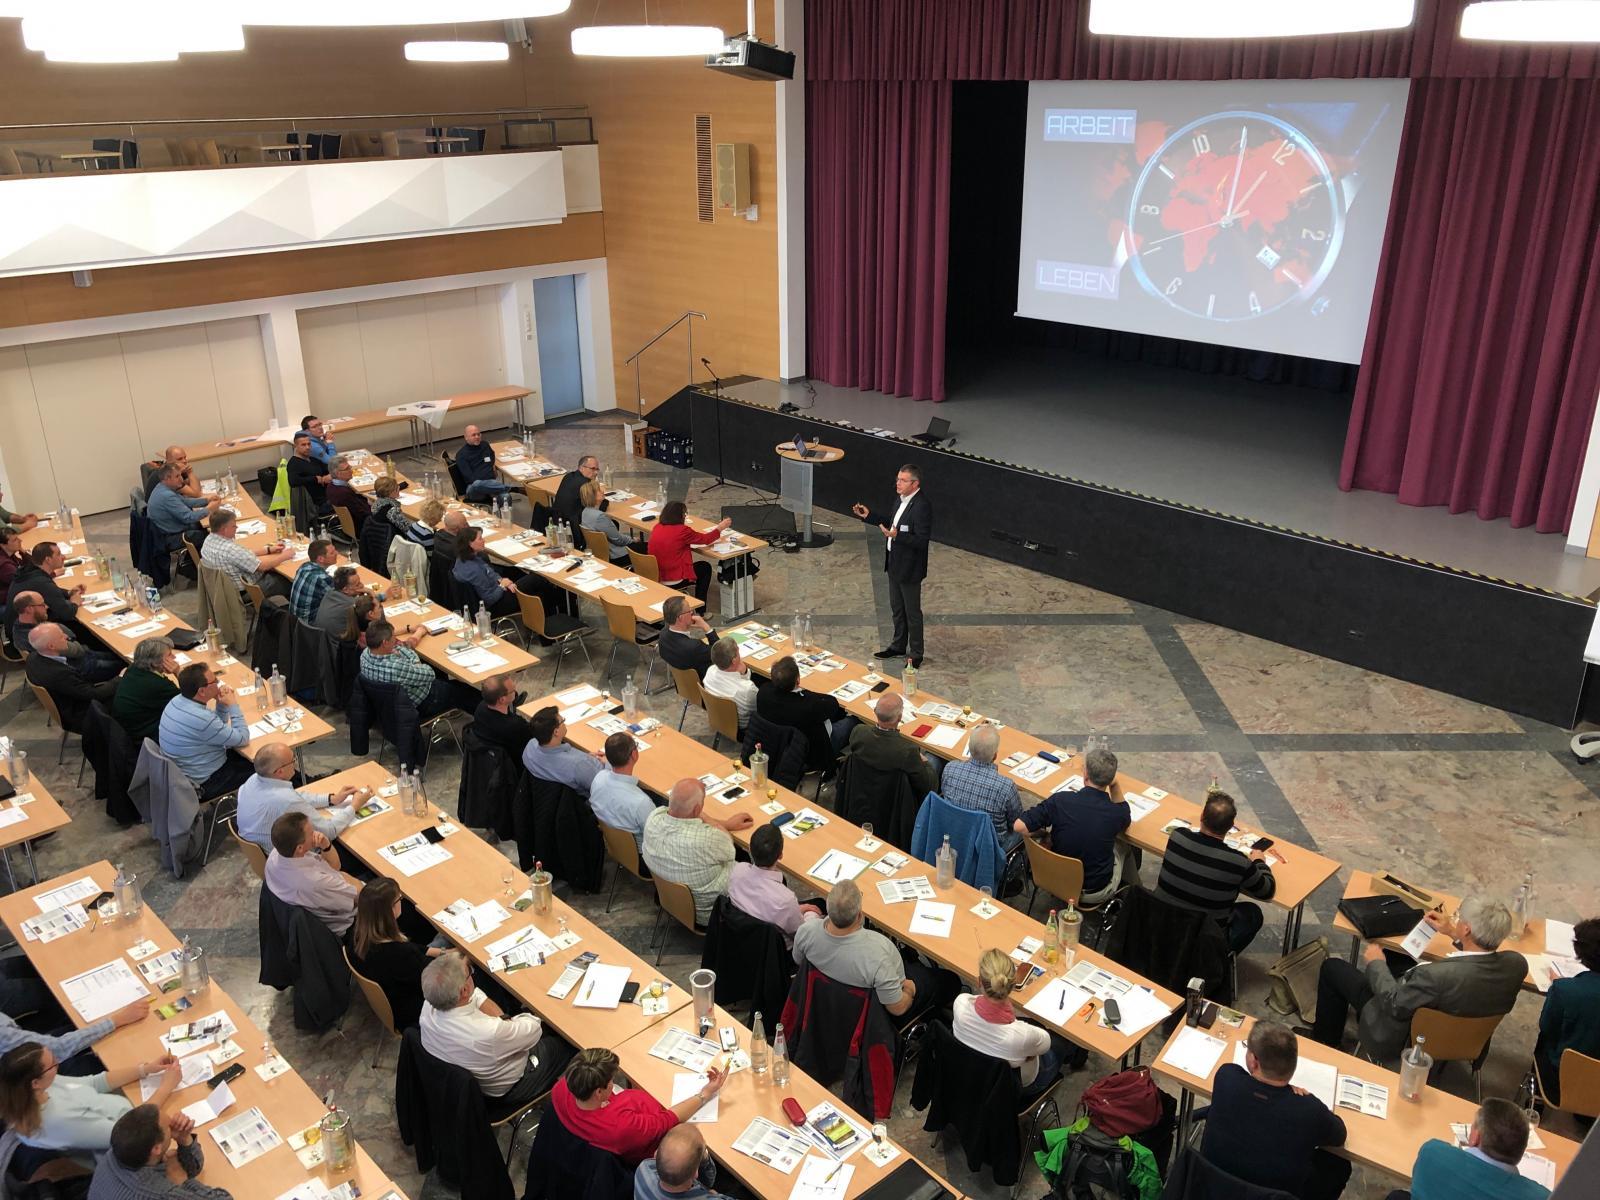 Vogelperspektive auf das Seminar (sitzende Teilnehmer und stehender Vortragender)